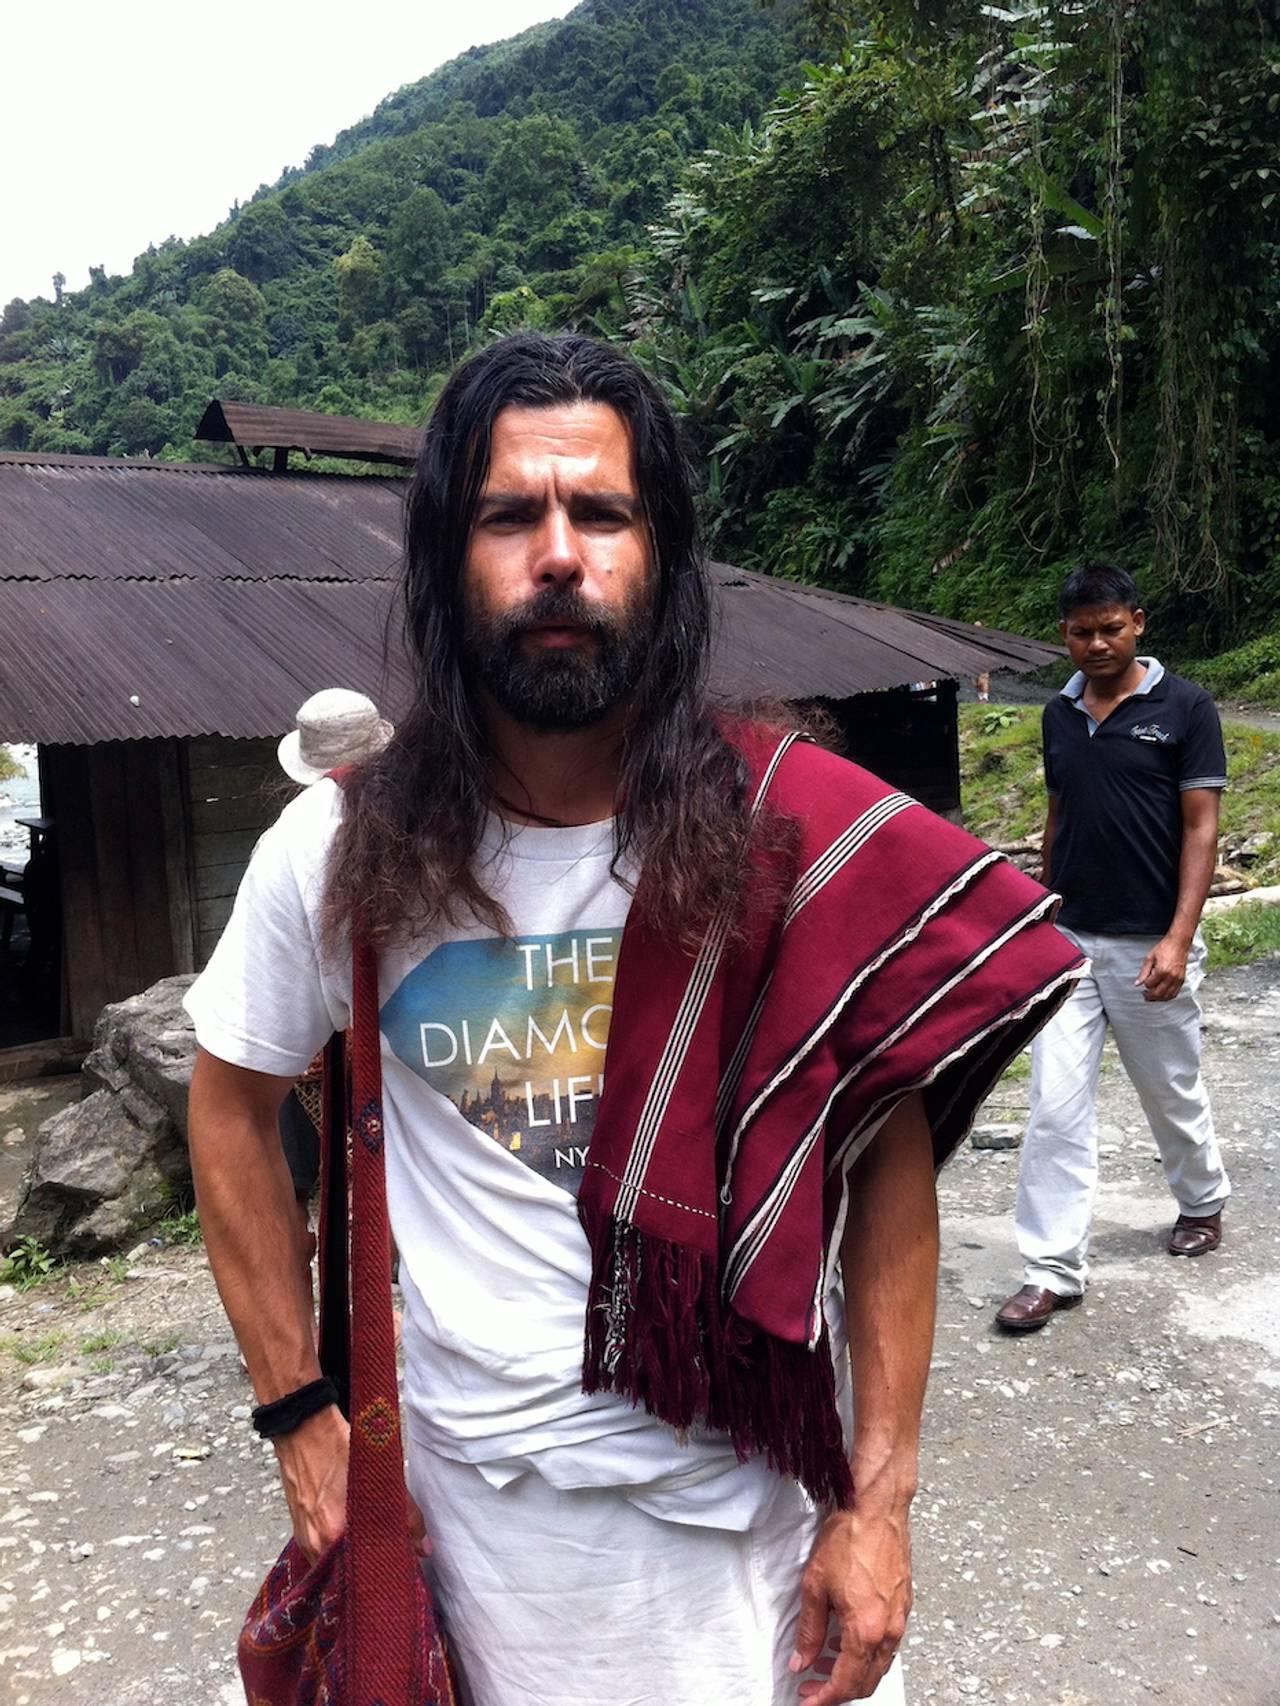 Jørgen Nøvik på vandring i Himalaya, svett og fornøyd, blikket rett i kamera